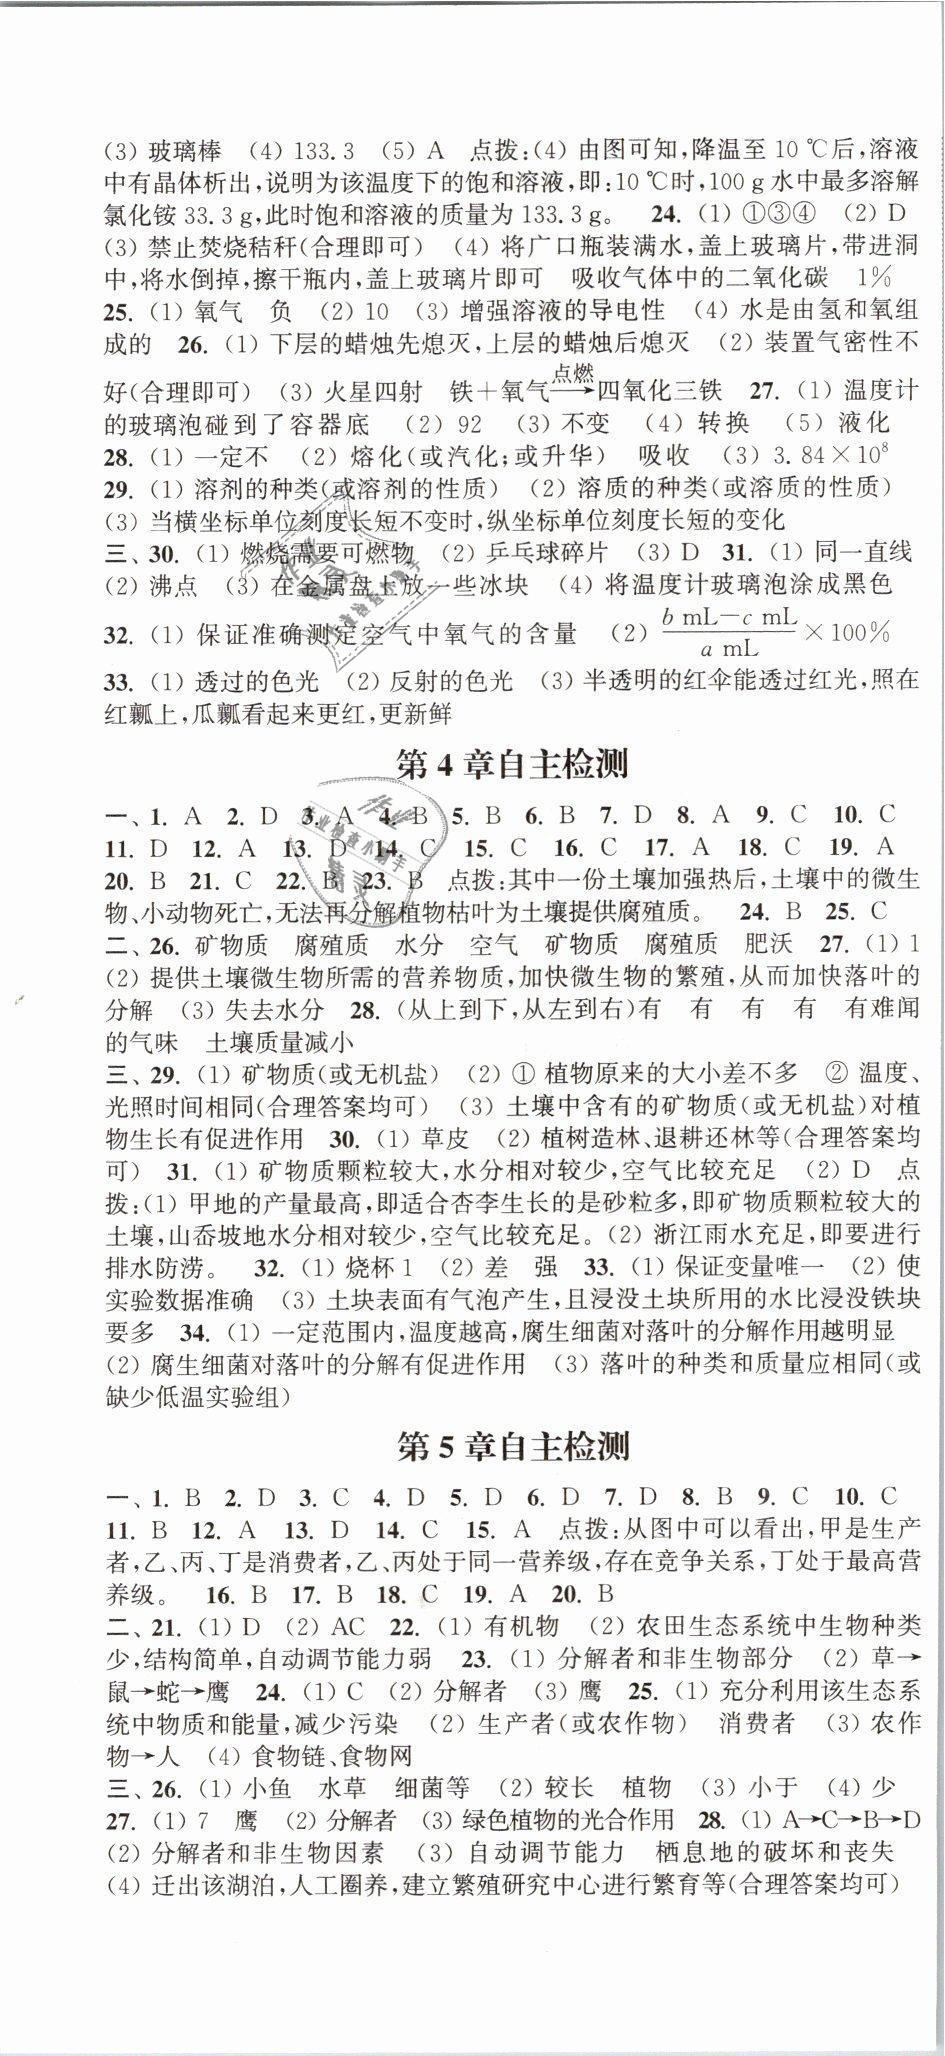 2019年通城学典课时作业本七年级科学下册华师大版第16页